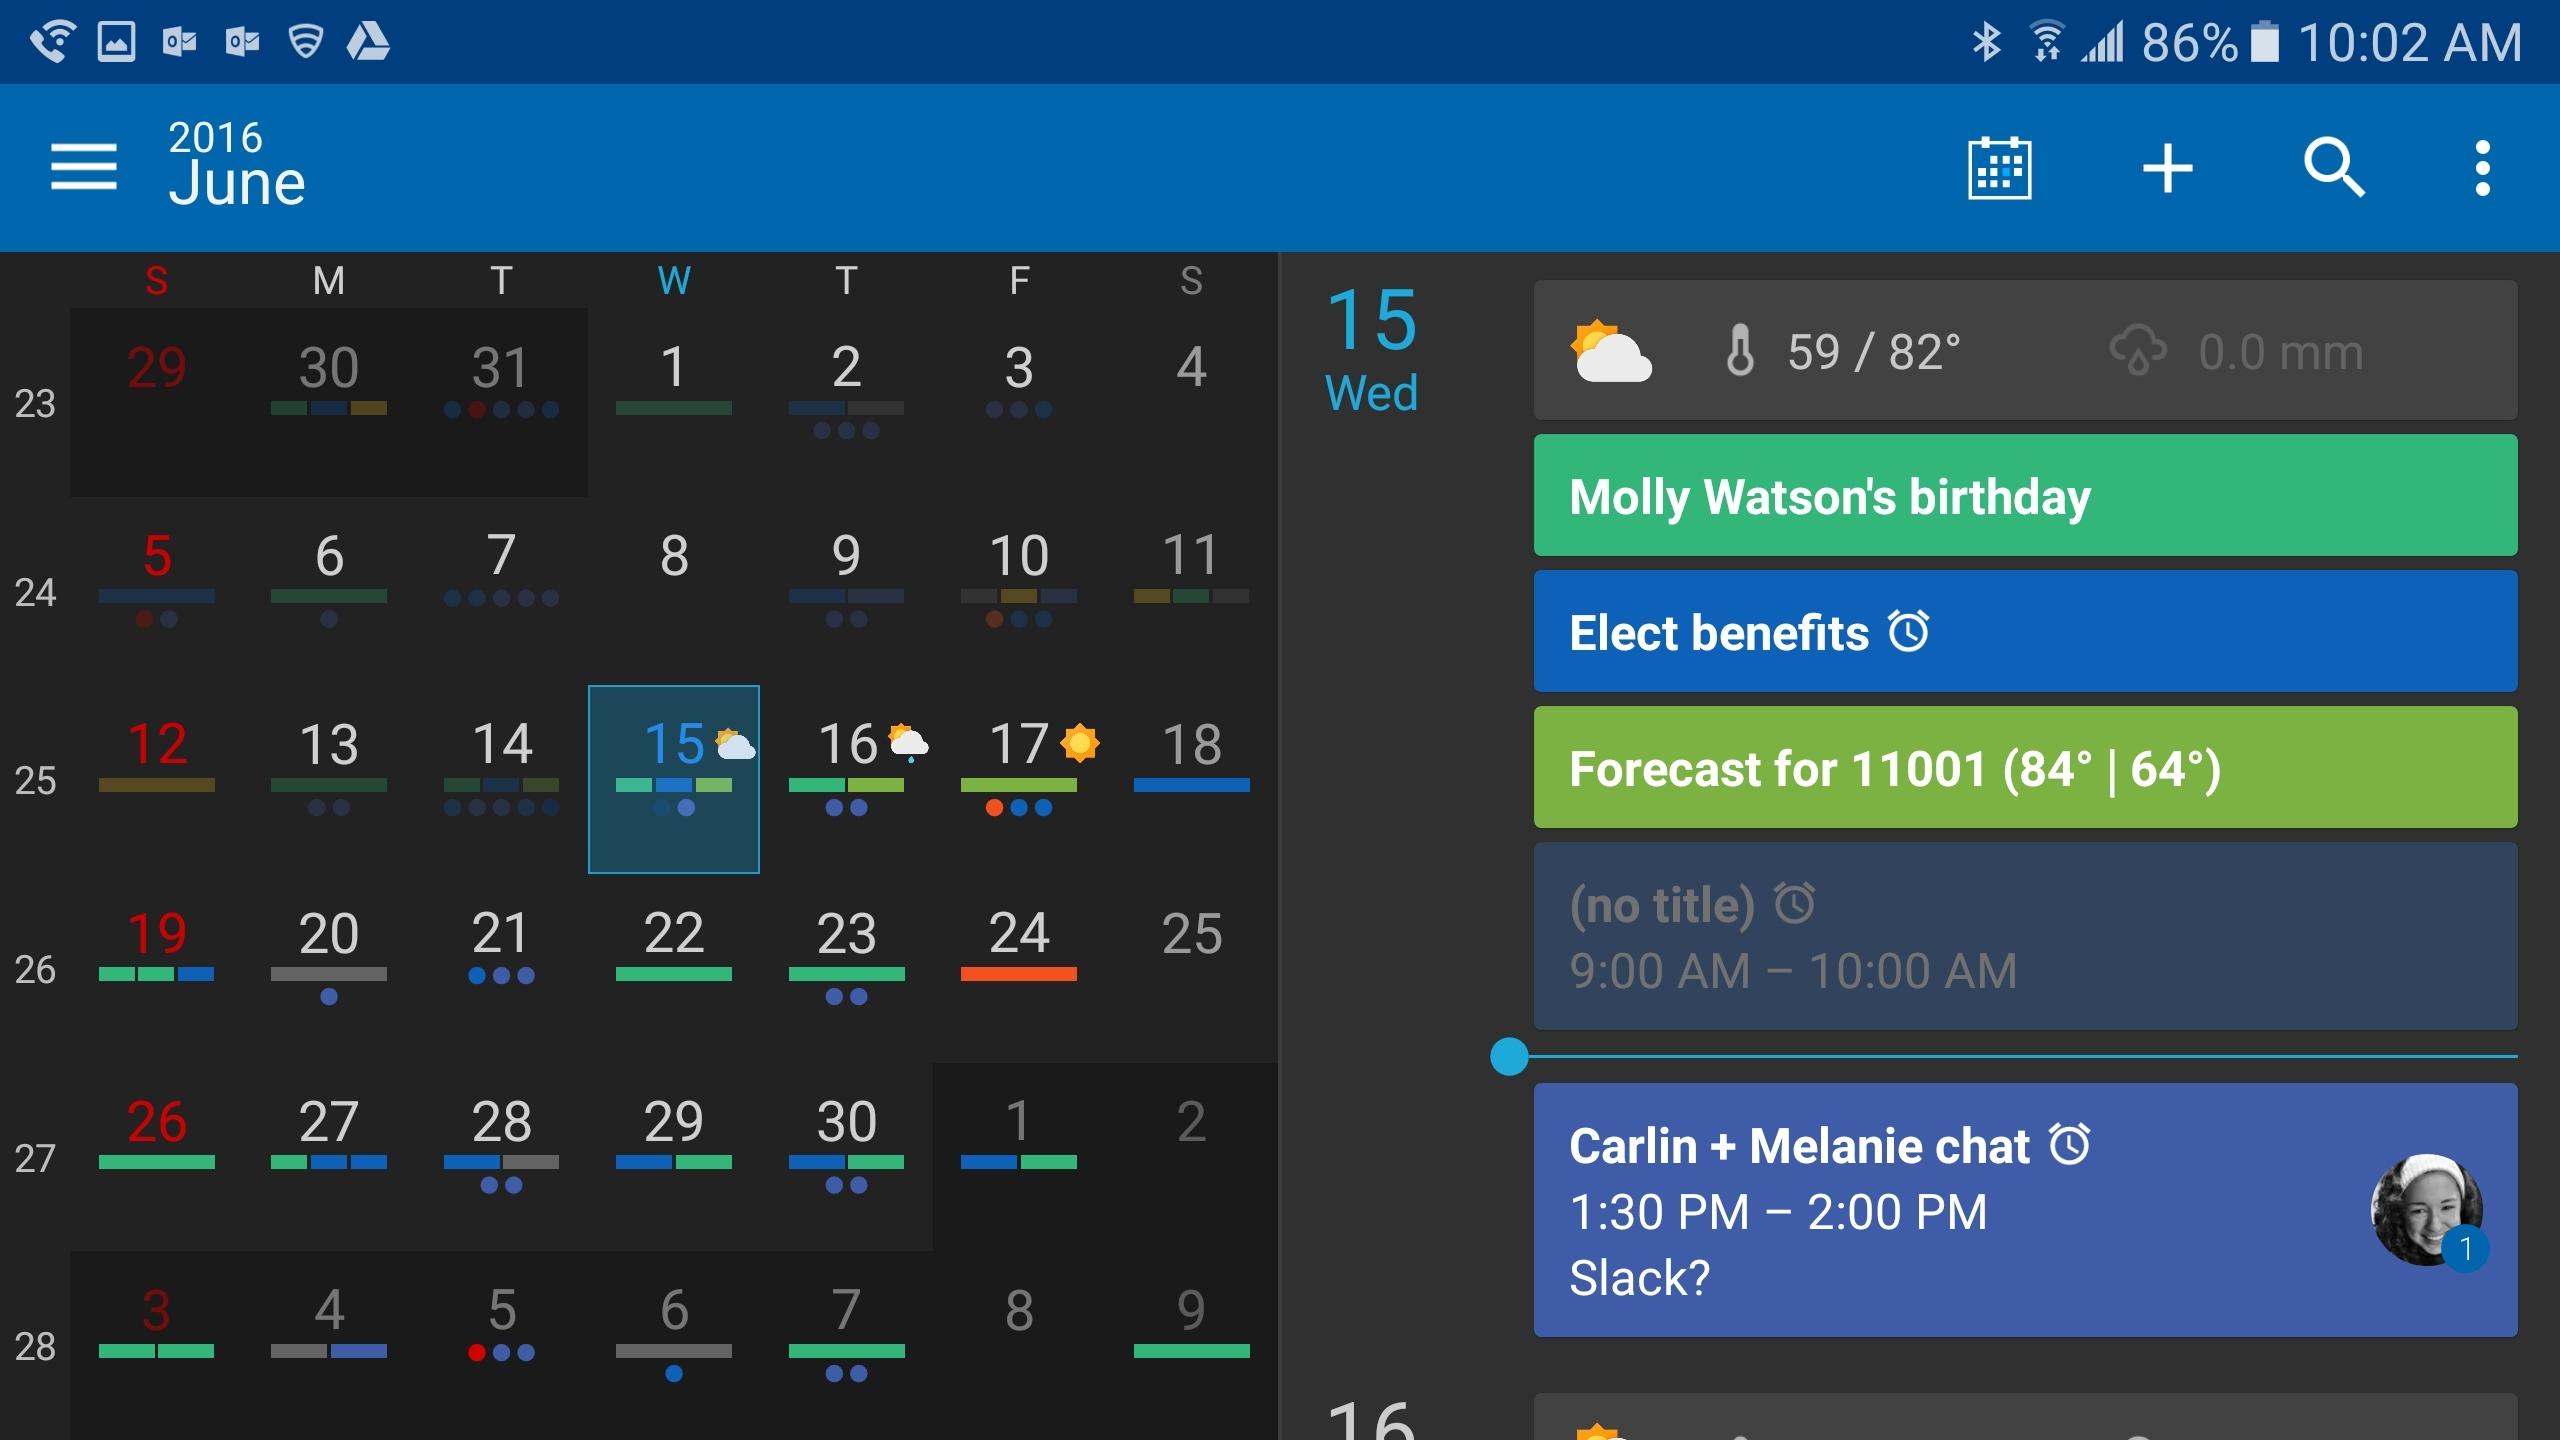 Lovely Calendar Week Widget Windows 10 : Mini Calendar Template intended for Calendar Gadget For Windows 10